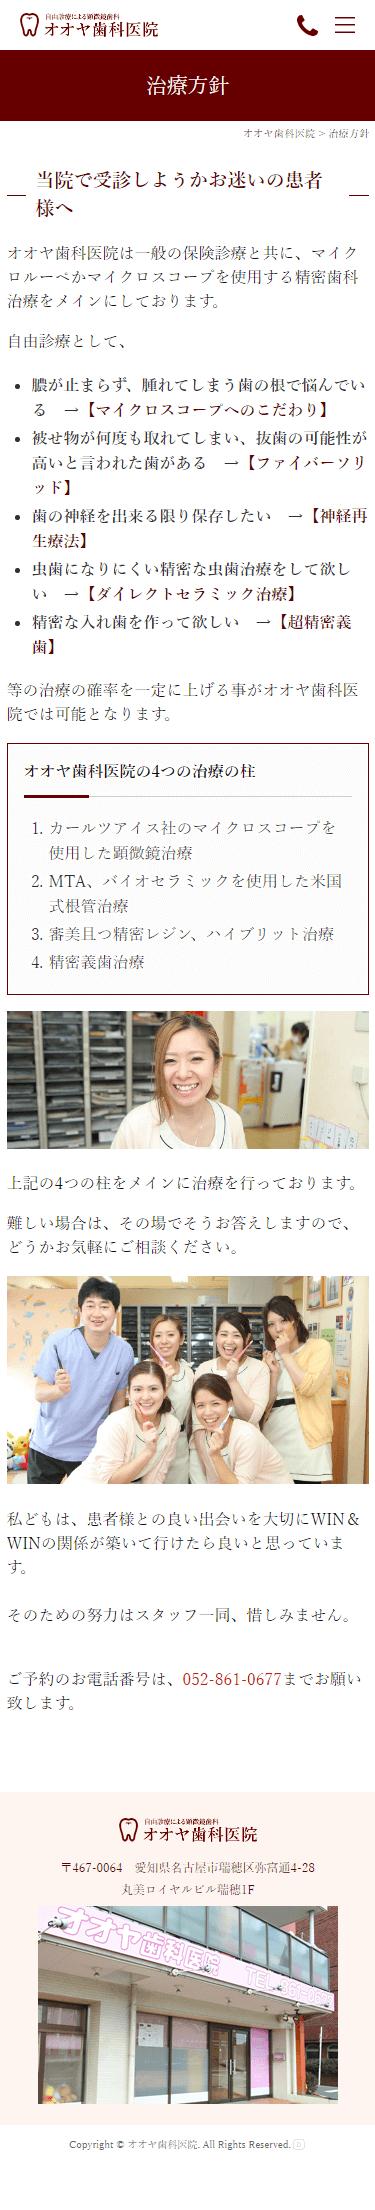 オオヤ歯科医院様4